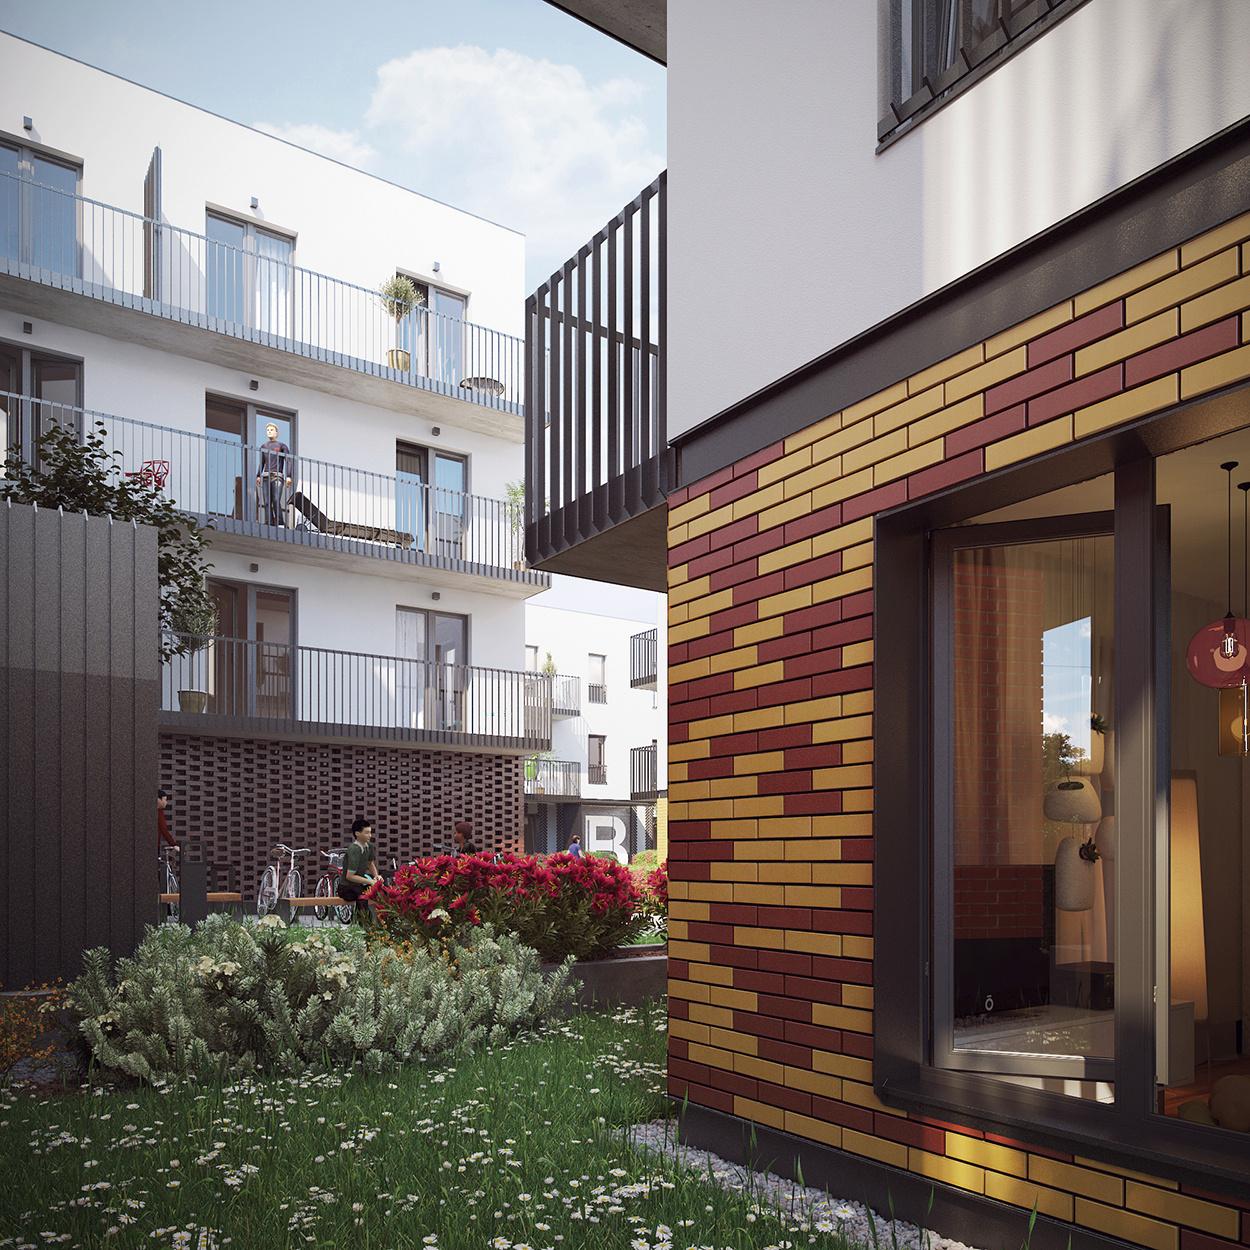 mieszkania_z_cegly2